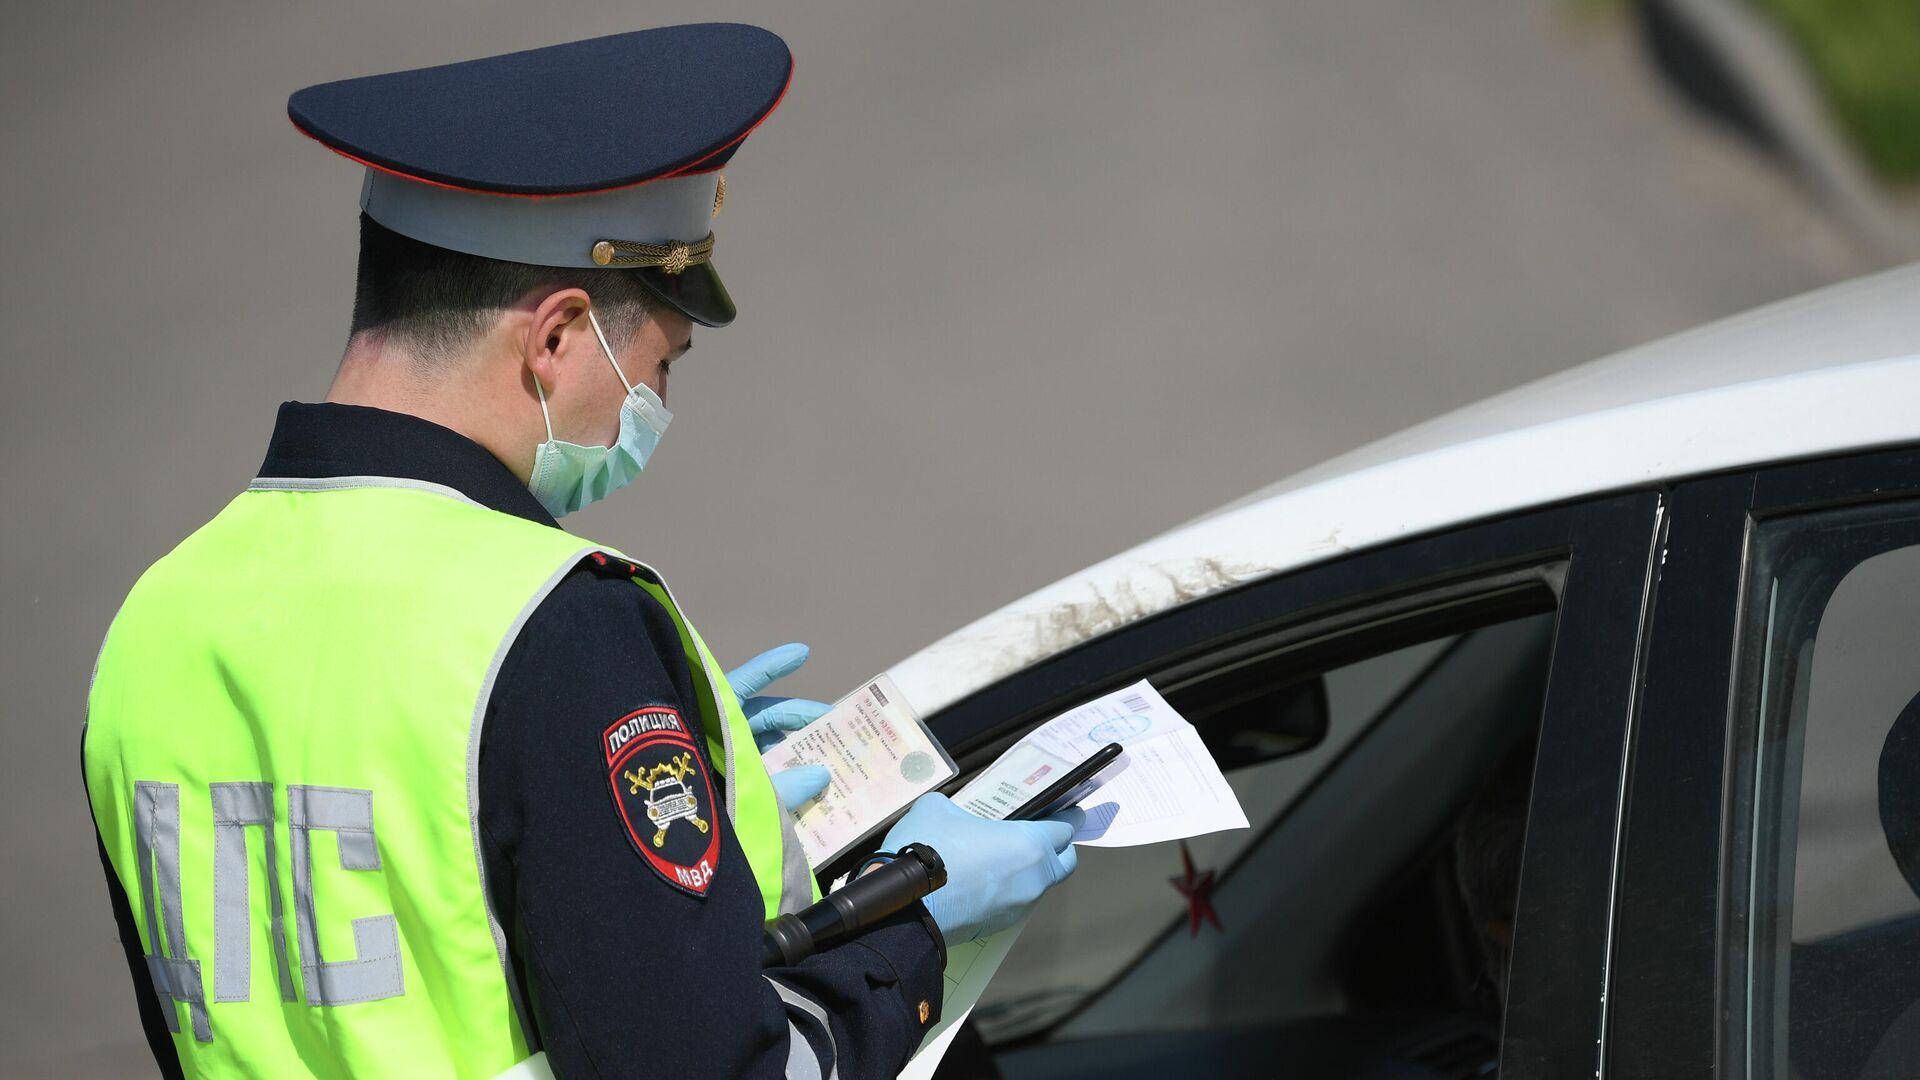 Инспектор дорожно-патрульной службы на одной из улиц в Москве - РИА Новости, 1920, 01.05.2021